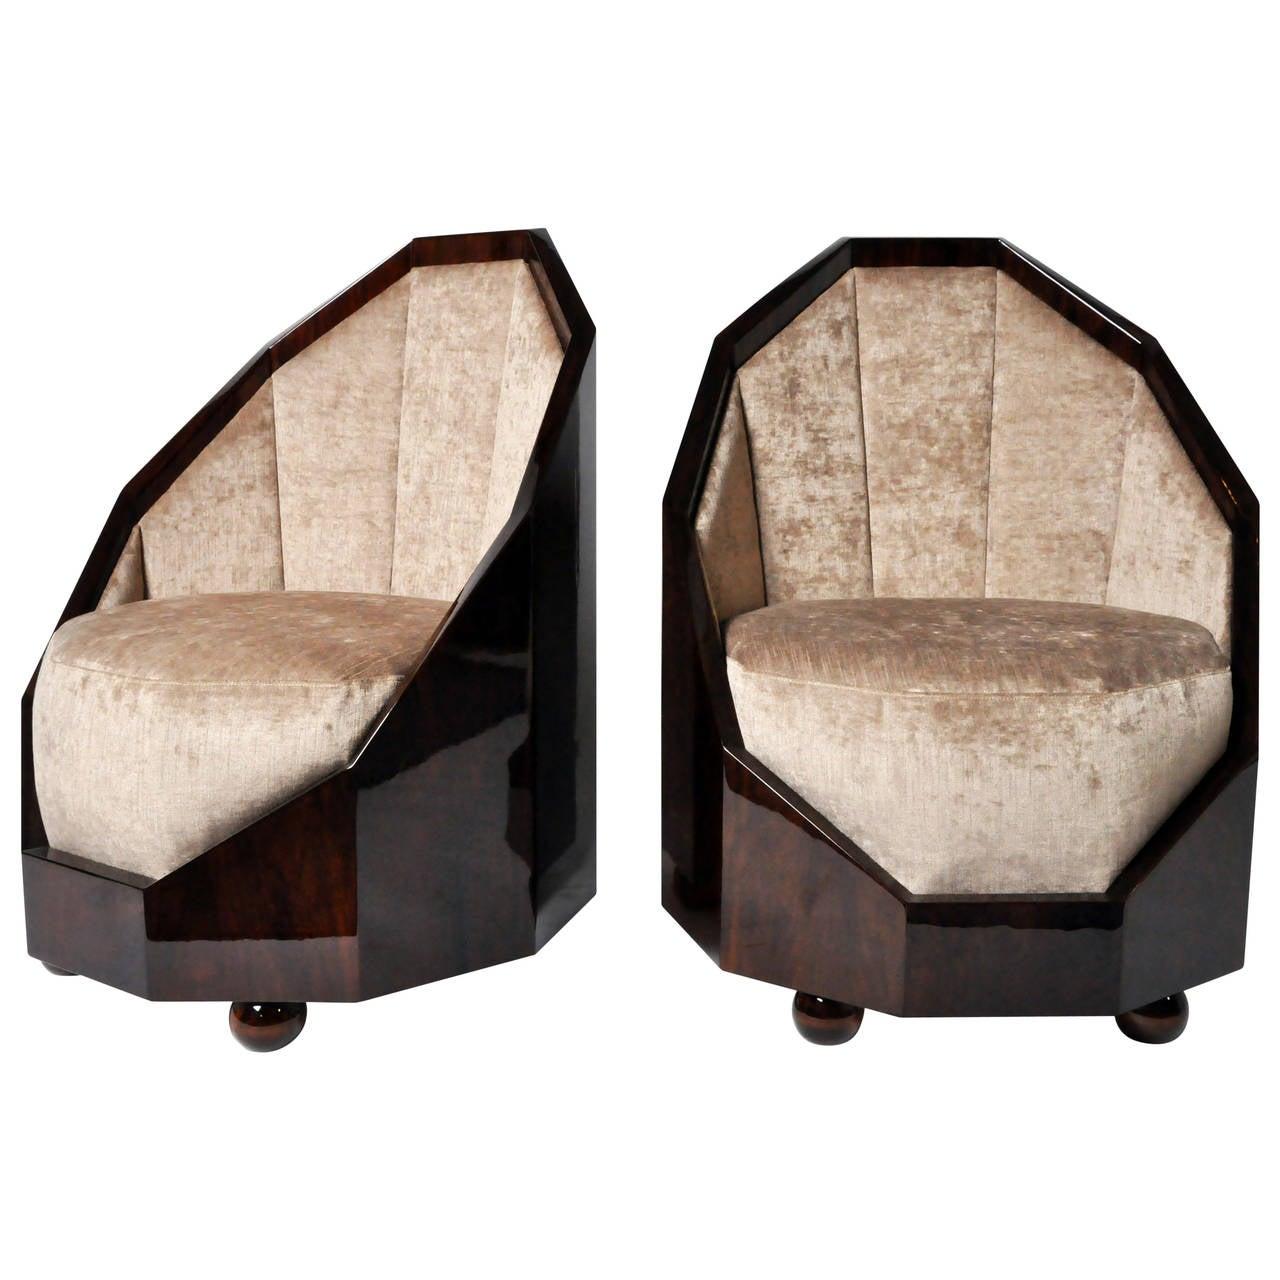 pair of walnut veneer cocoon chairs at 1stdibs